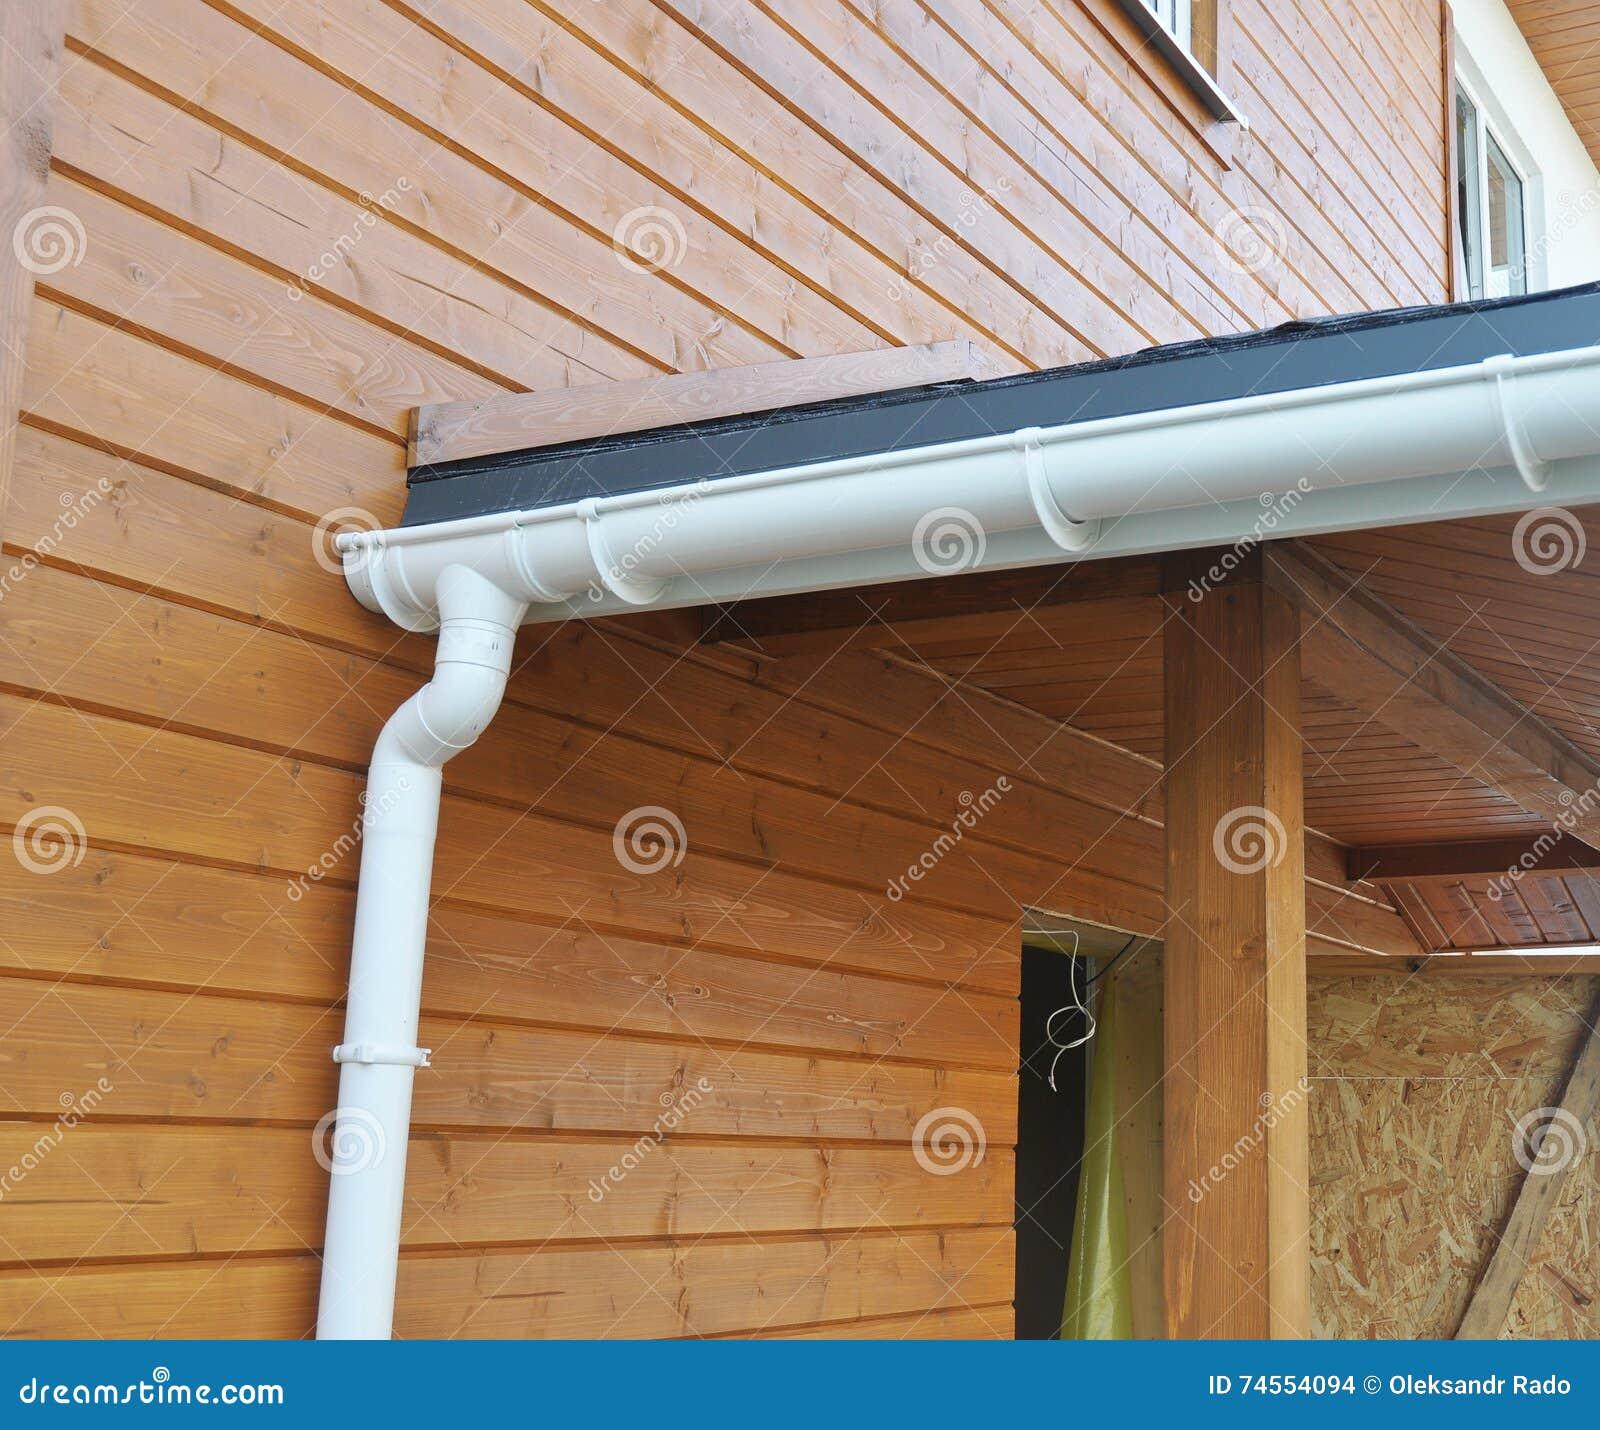 Problem Areas For Rain Gutter Waterproofing Guttering